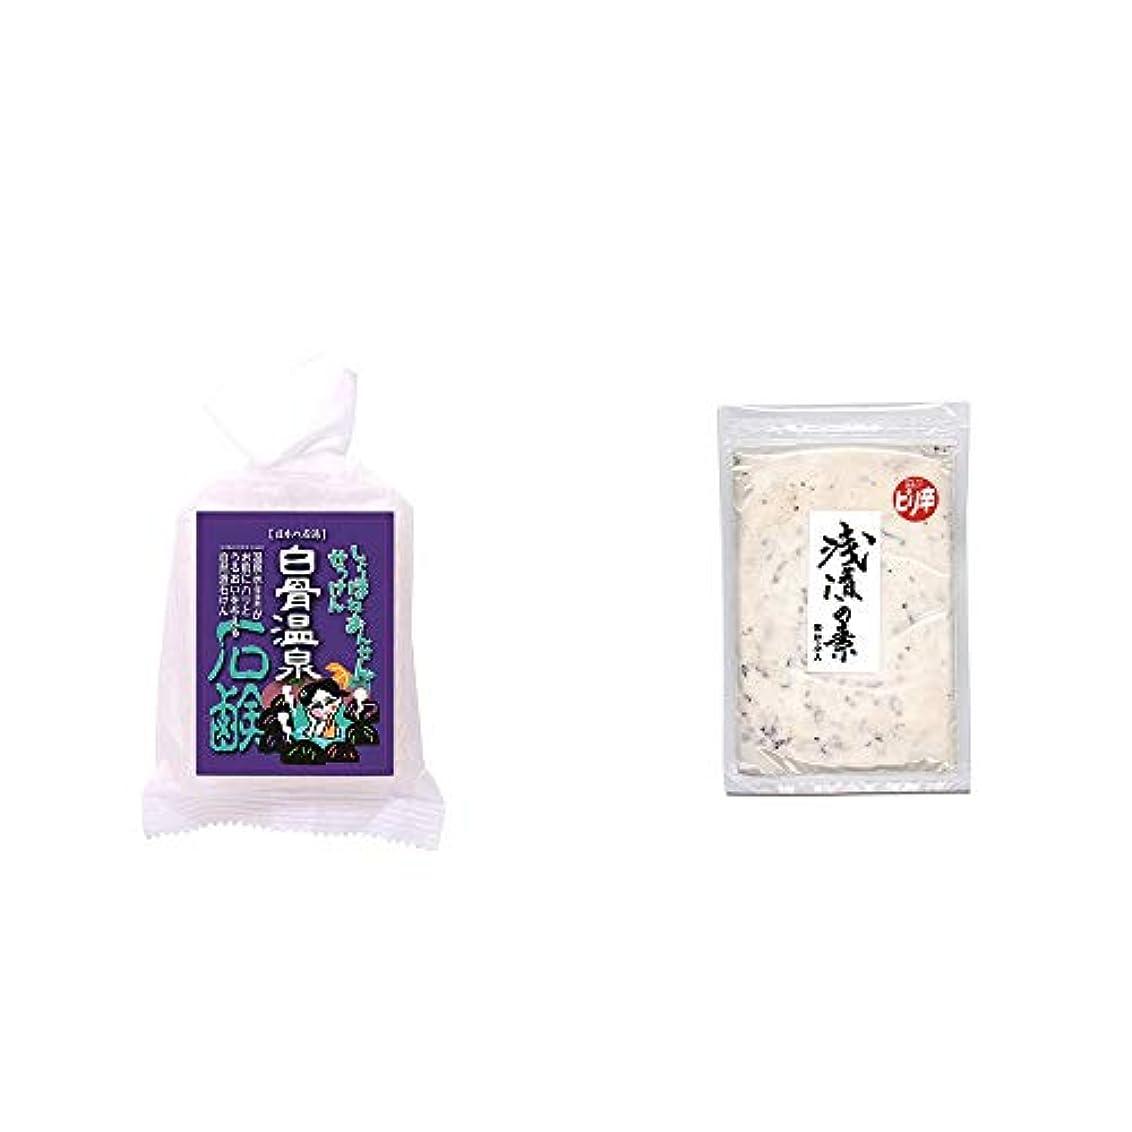 バラエティ肺炎状[2点セット] 信州 白骨温泉石鹸(80g)?浅漬けの素[小](150g)